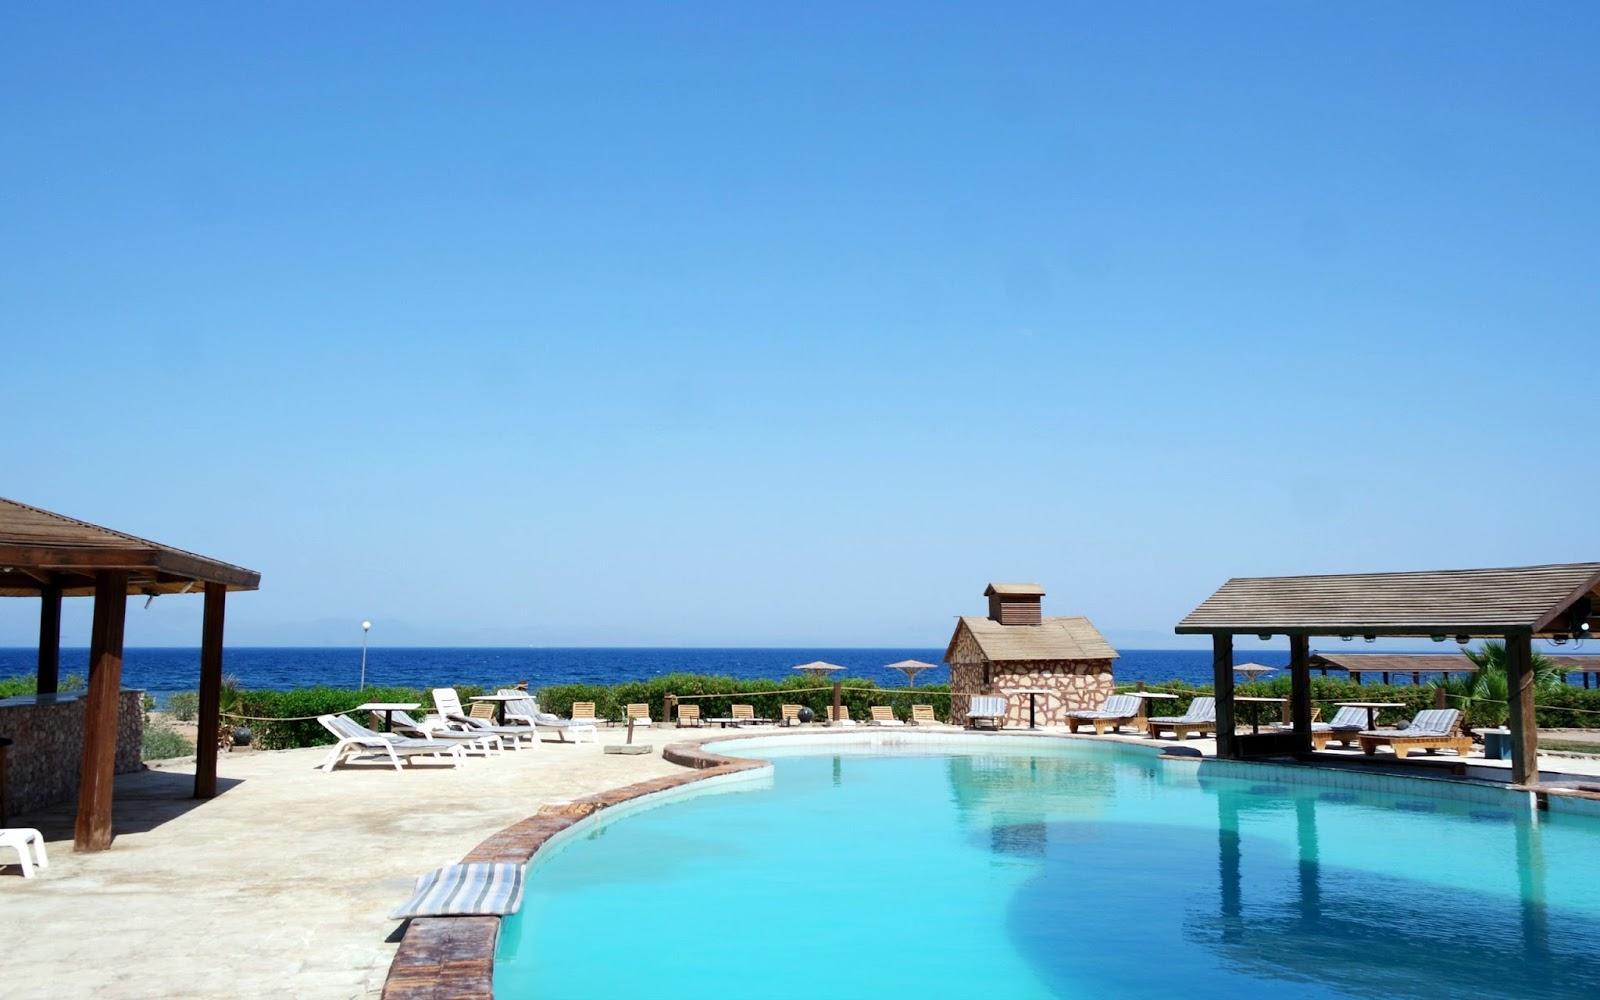 Amego Hotel Dahab Egito